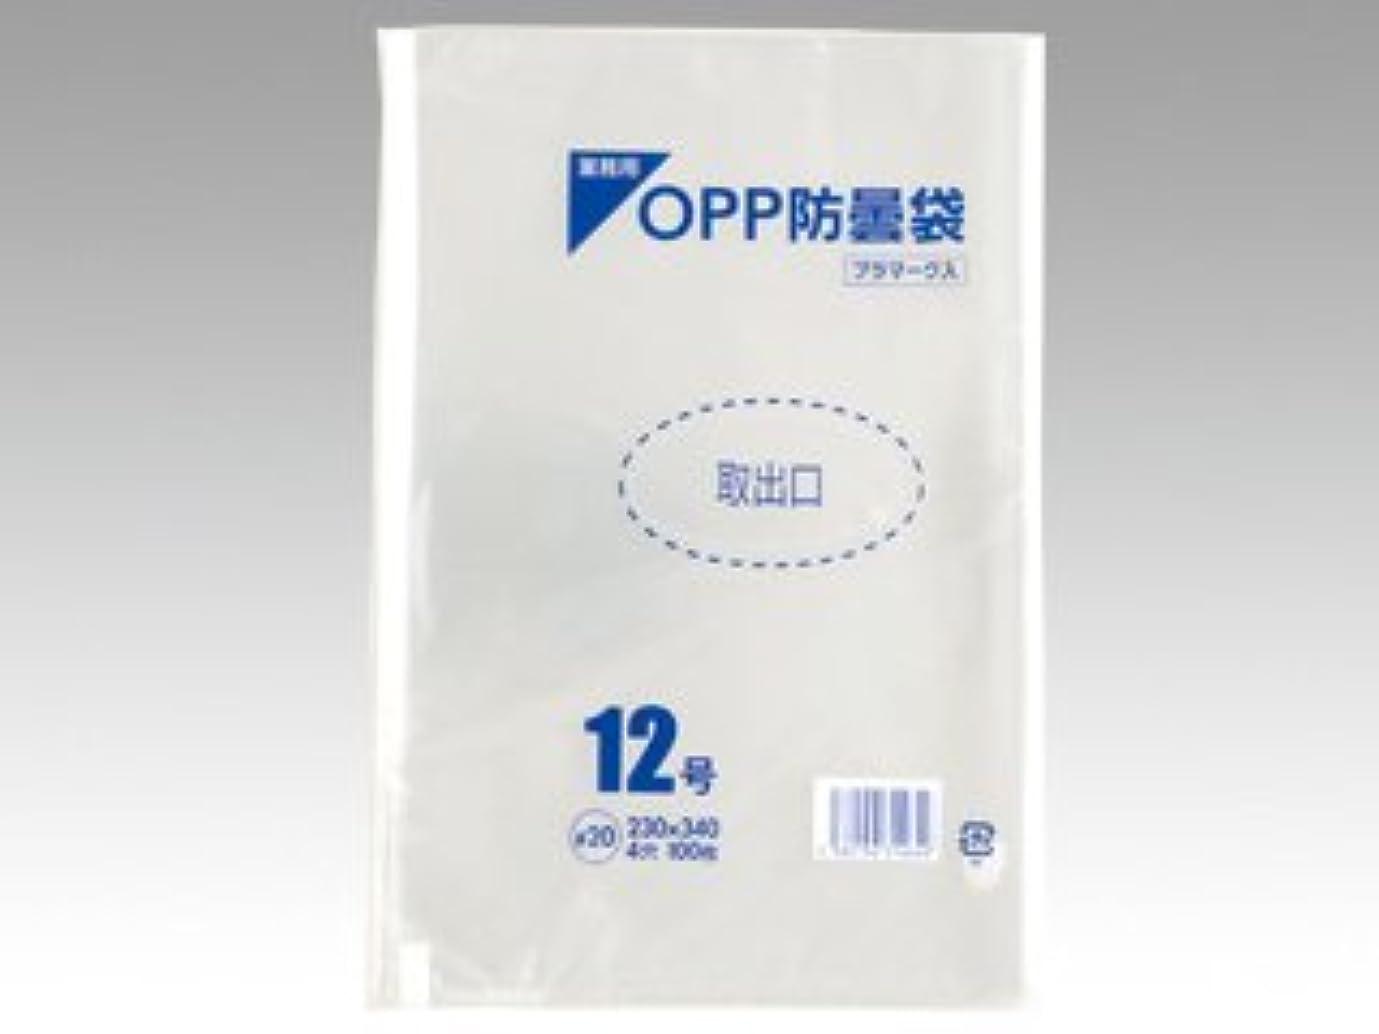 適度に電気陽性コイルボードン袋(野菜用防曇袋)NO,12 #20x230x340(1000枚)4穴???有